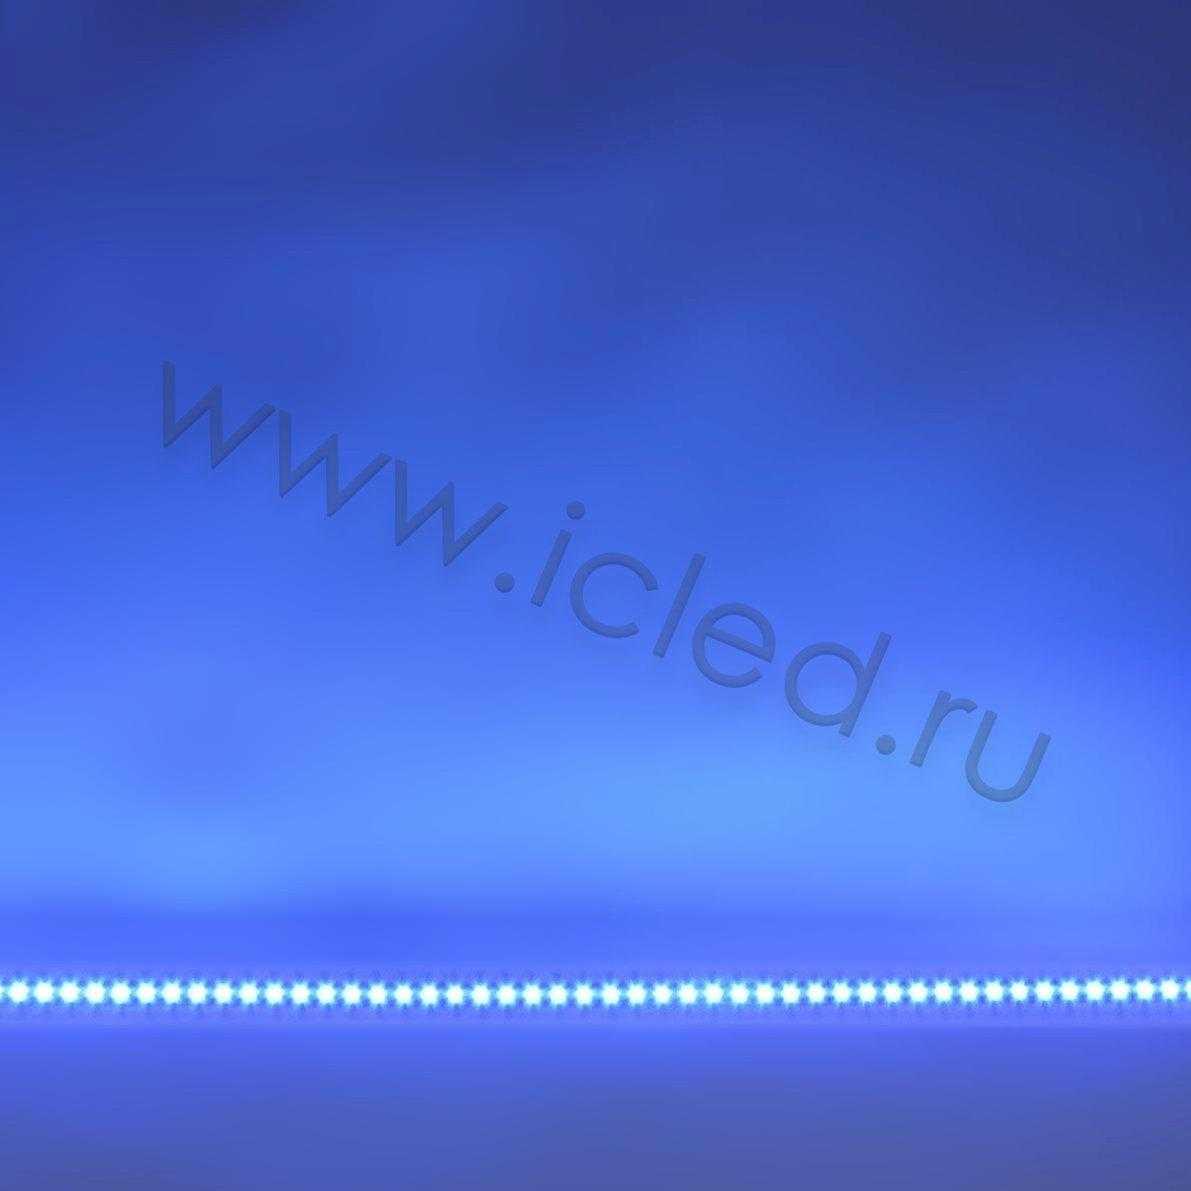 Светодиодная линейка 5630, 72 Led, Blue